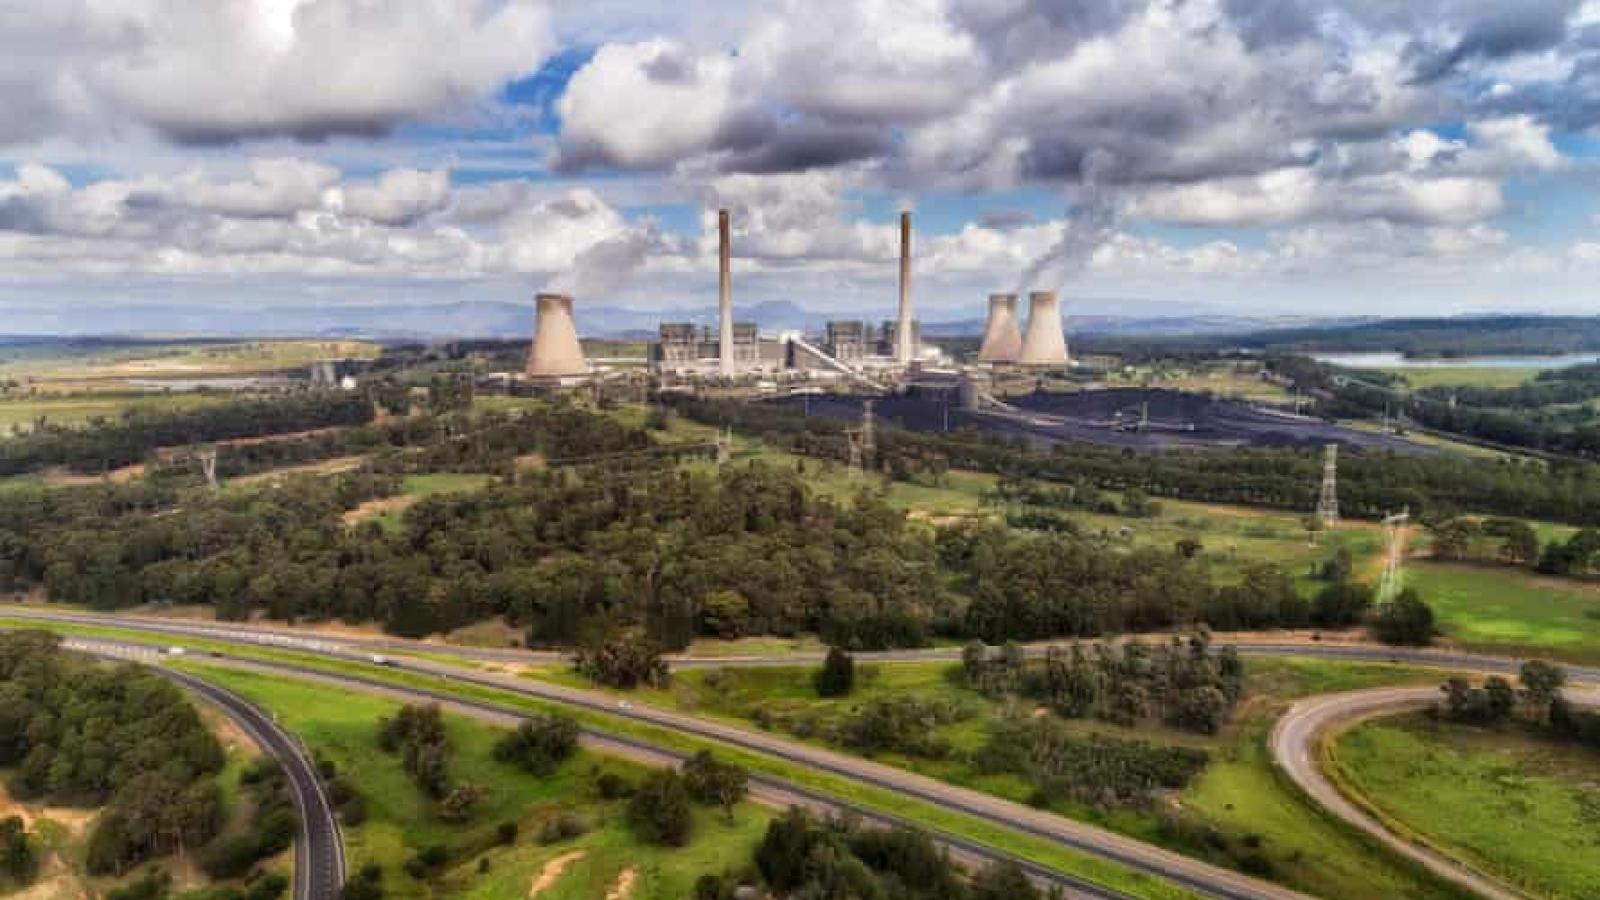 Australia có thể đạt và vượt mục tiêu cắt giảm khí thải theo Thỏa thuận Paris